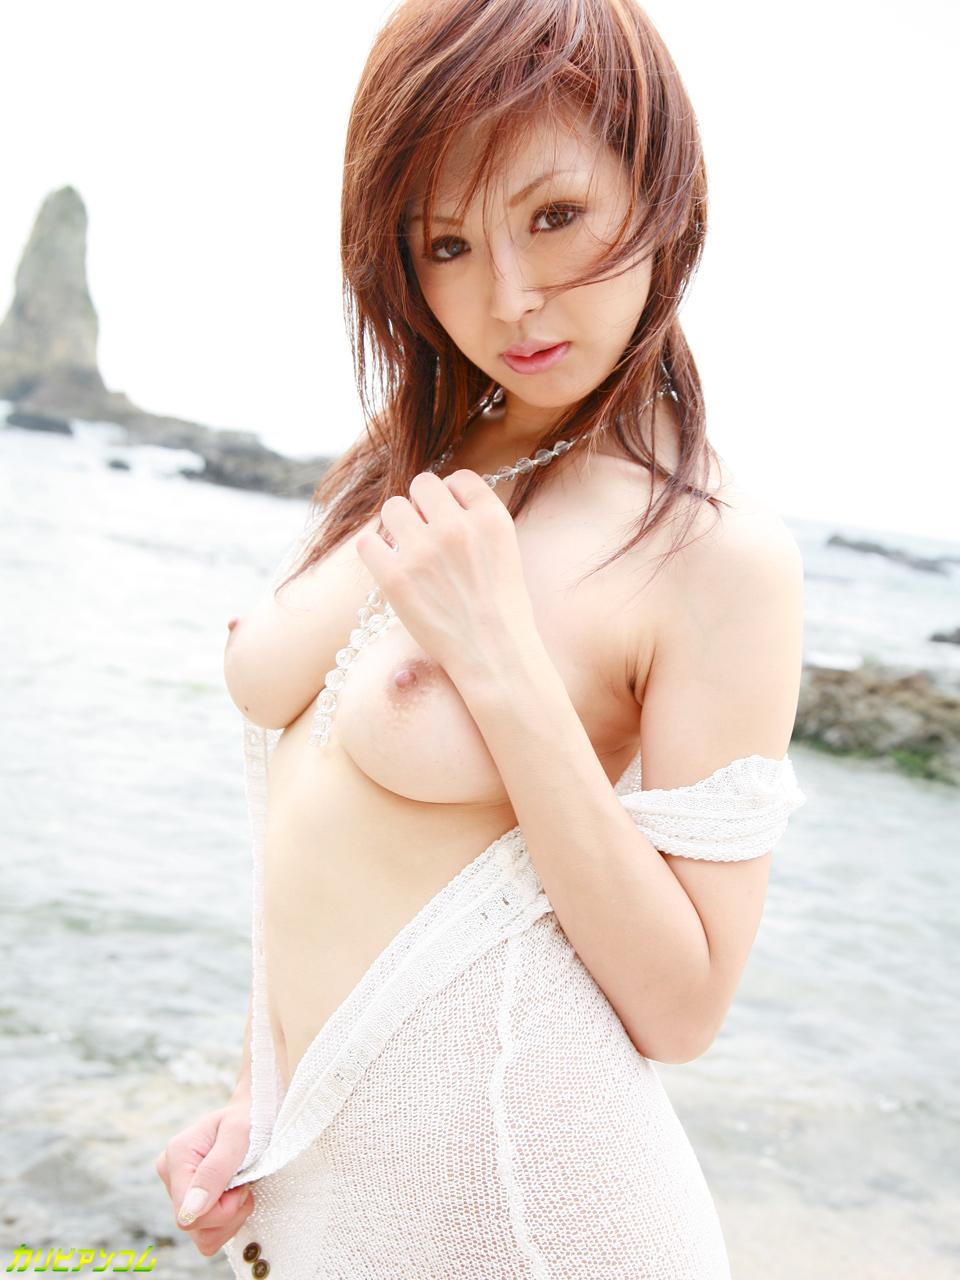 夏だッ!海だッ!ビーチ生ハメ3P! 花野真衣